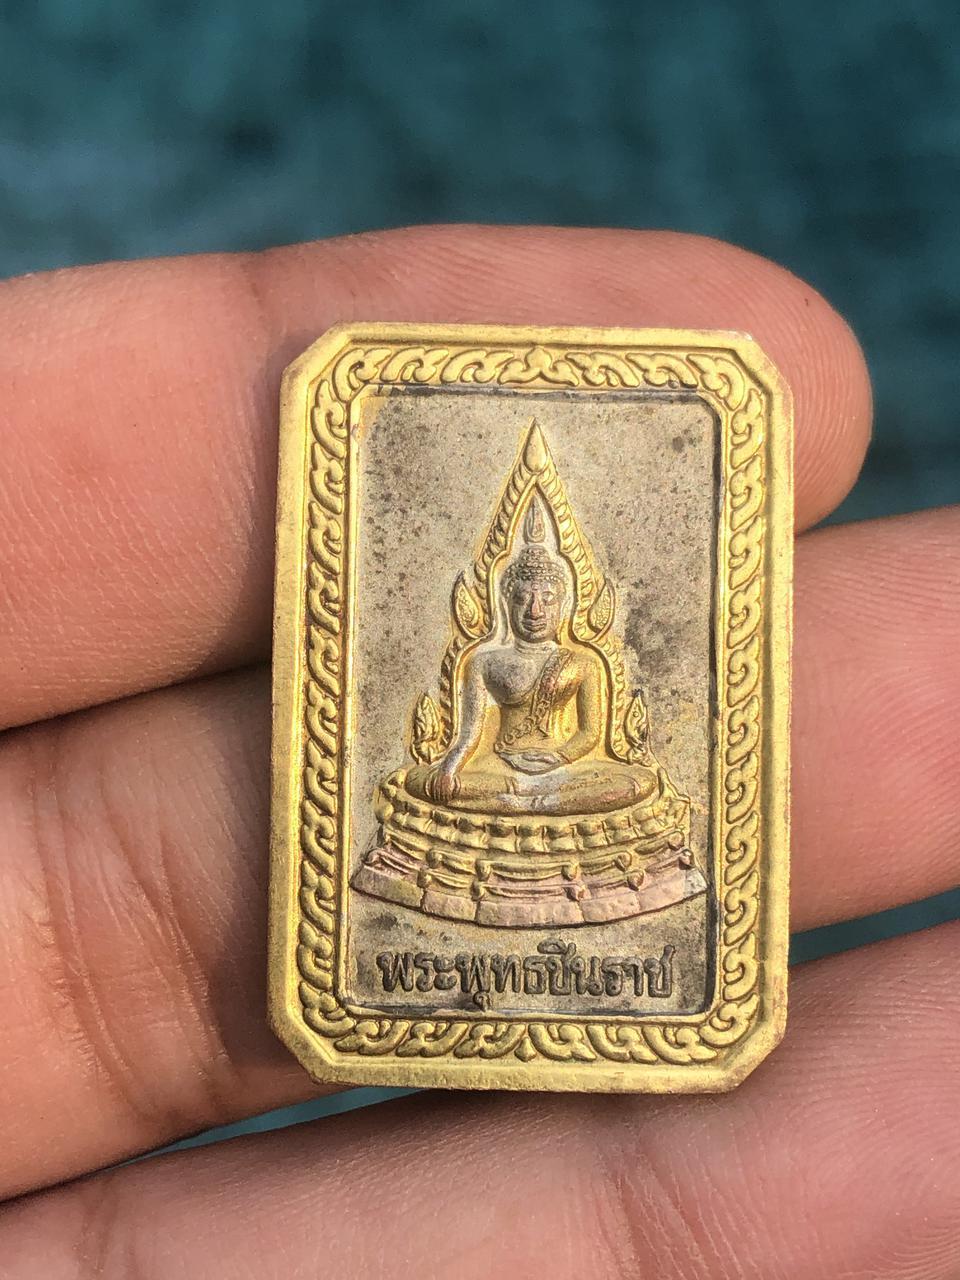 หลวงพ่อโสธร หลังพระพุทธชินราช รูปที่ 3